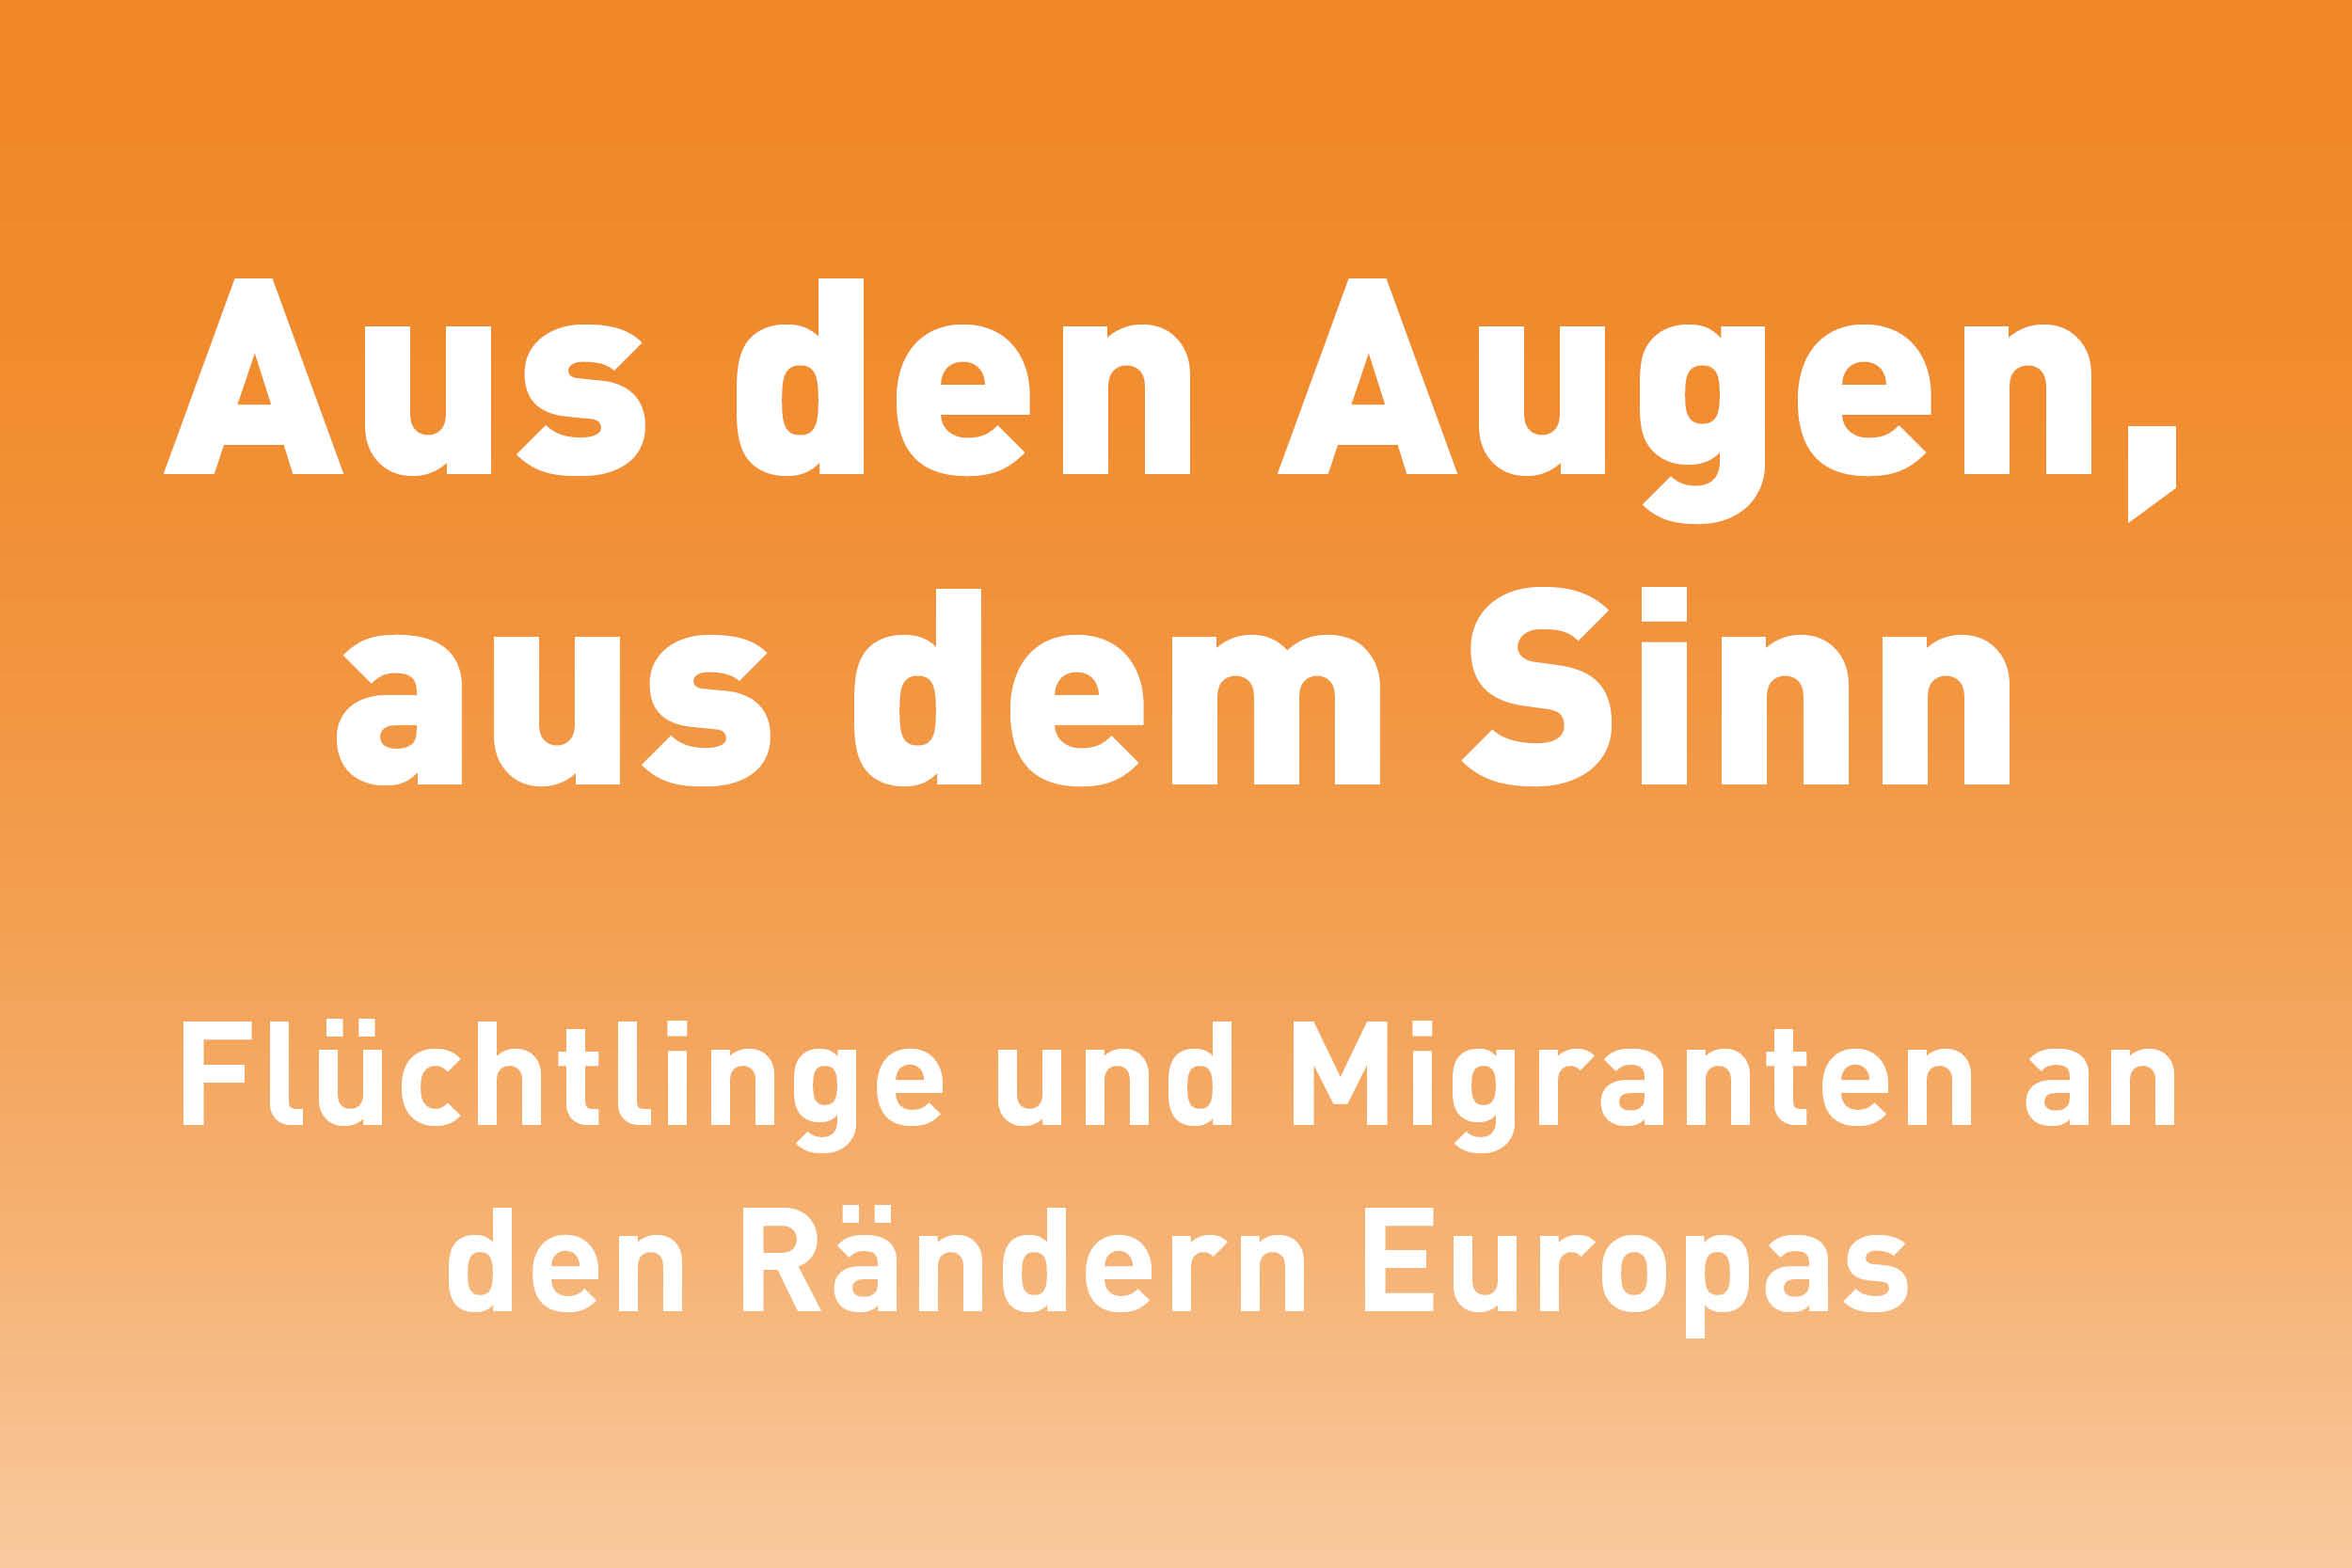 """""""Aus den Augen, aus dem Sinn"""" – Flüchtlinge und Migranten an den Rändern Europas"""